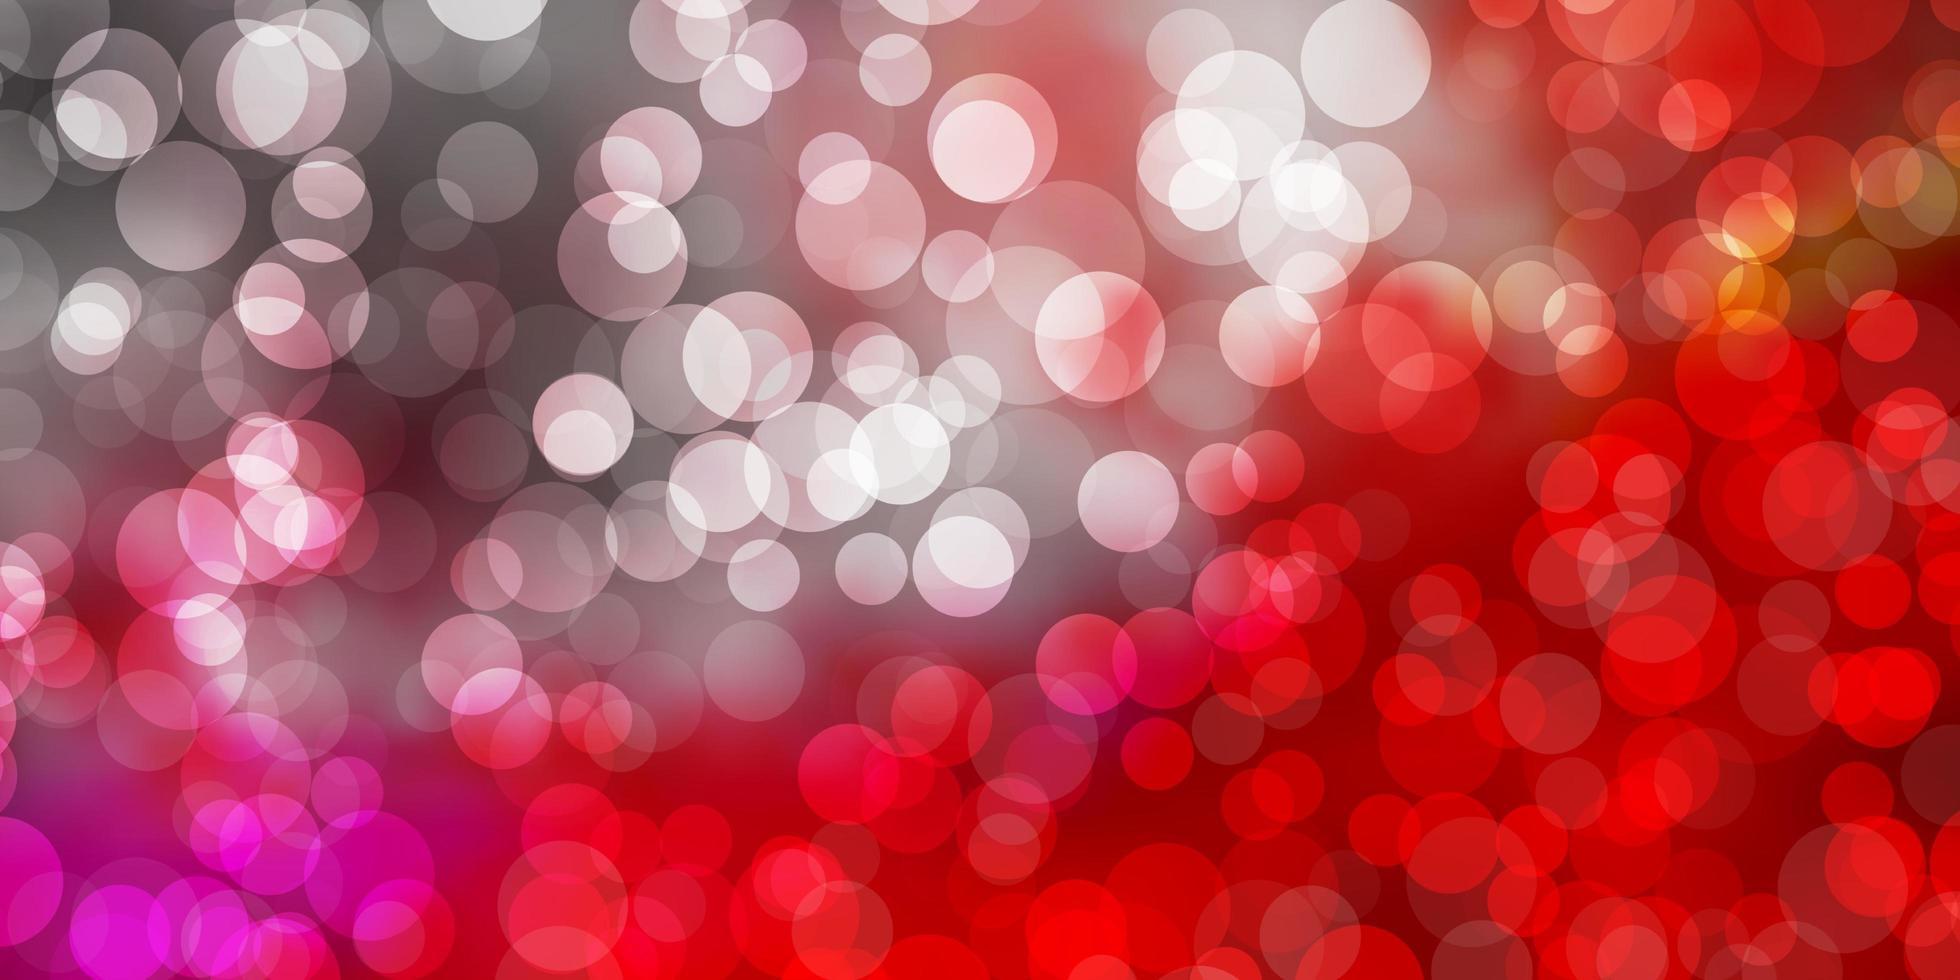 pano de fundo vector vermelho claro com pontos